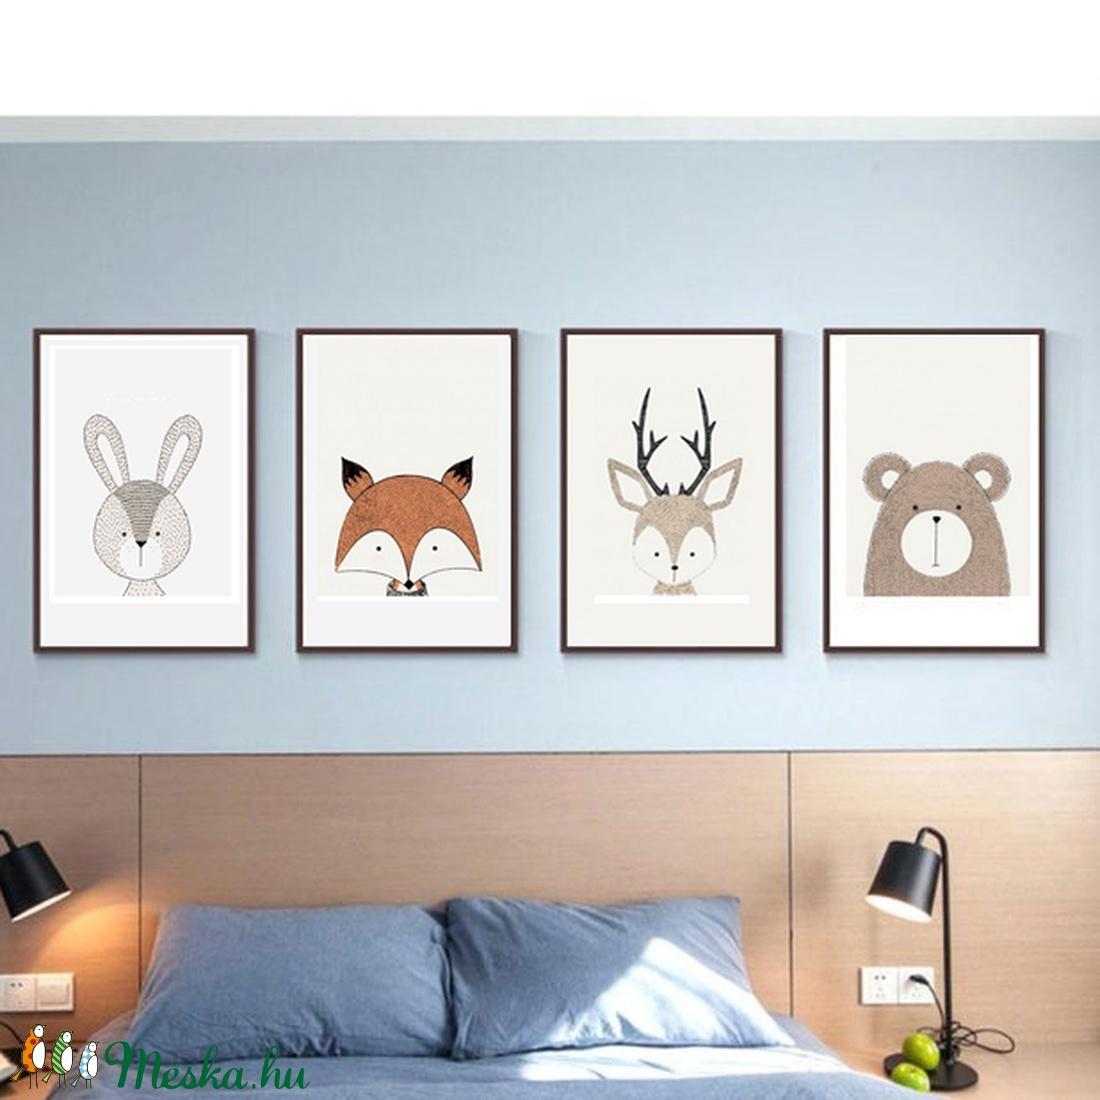 Babaszoba fali dekoráció, maci, szarvas, róka, nyuszi, farkas fali kép A4 méretben (BBdesign) - Meska.hu